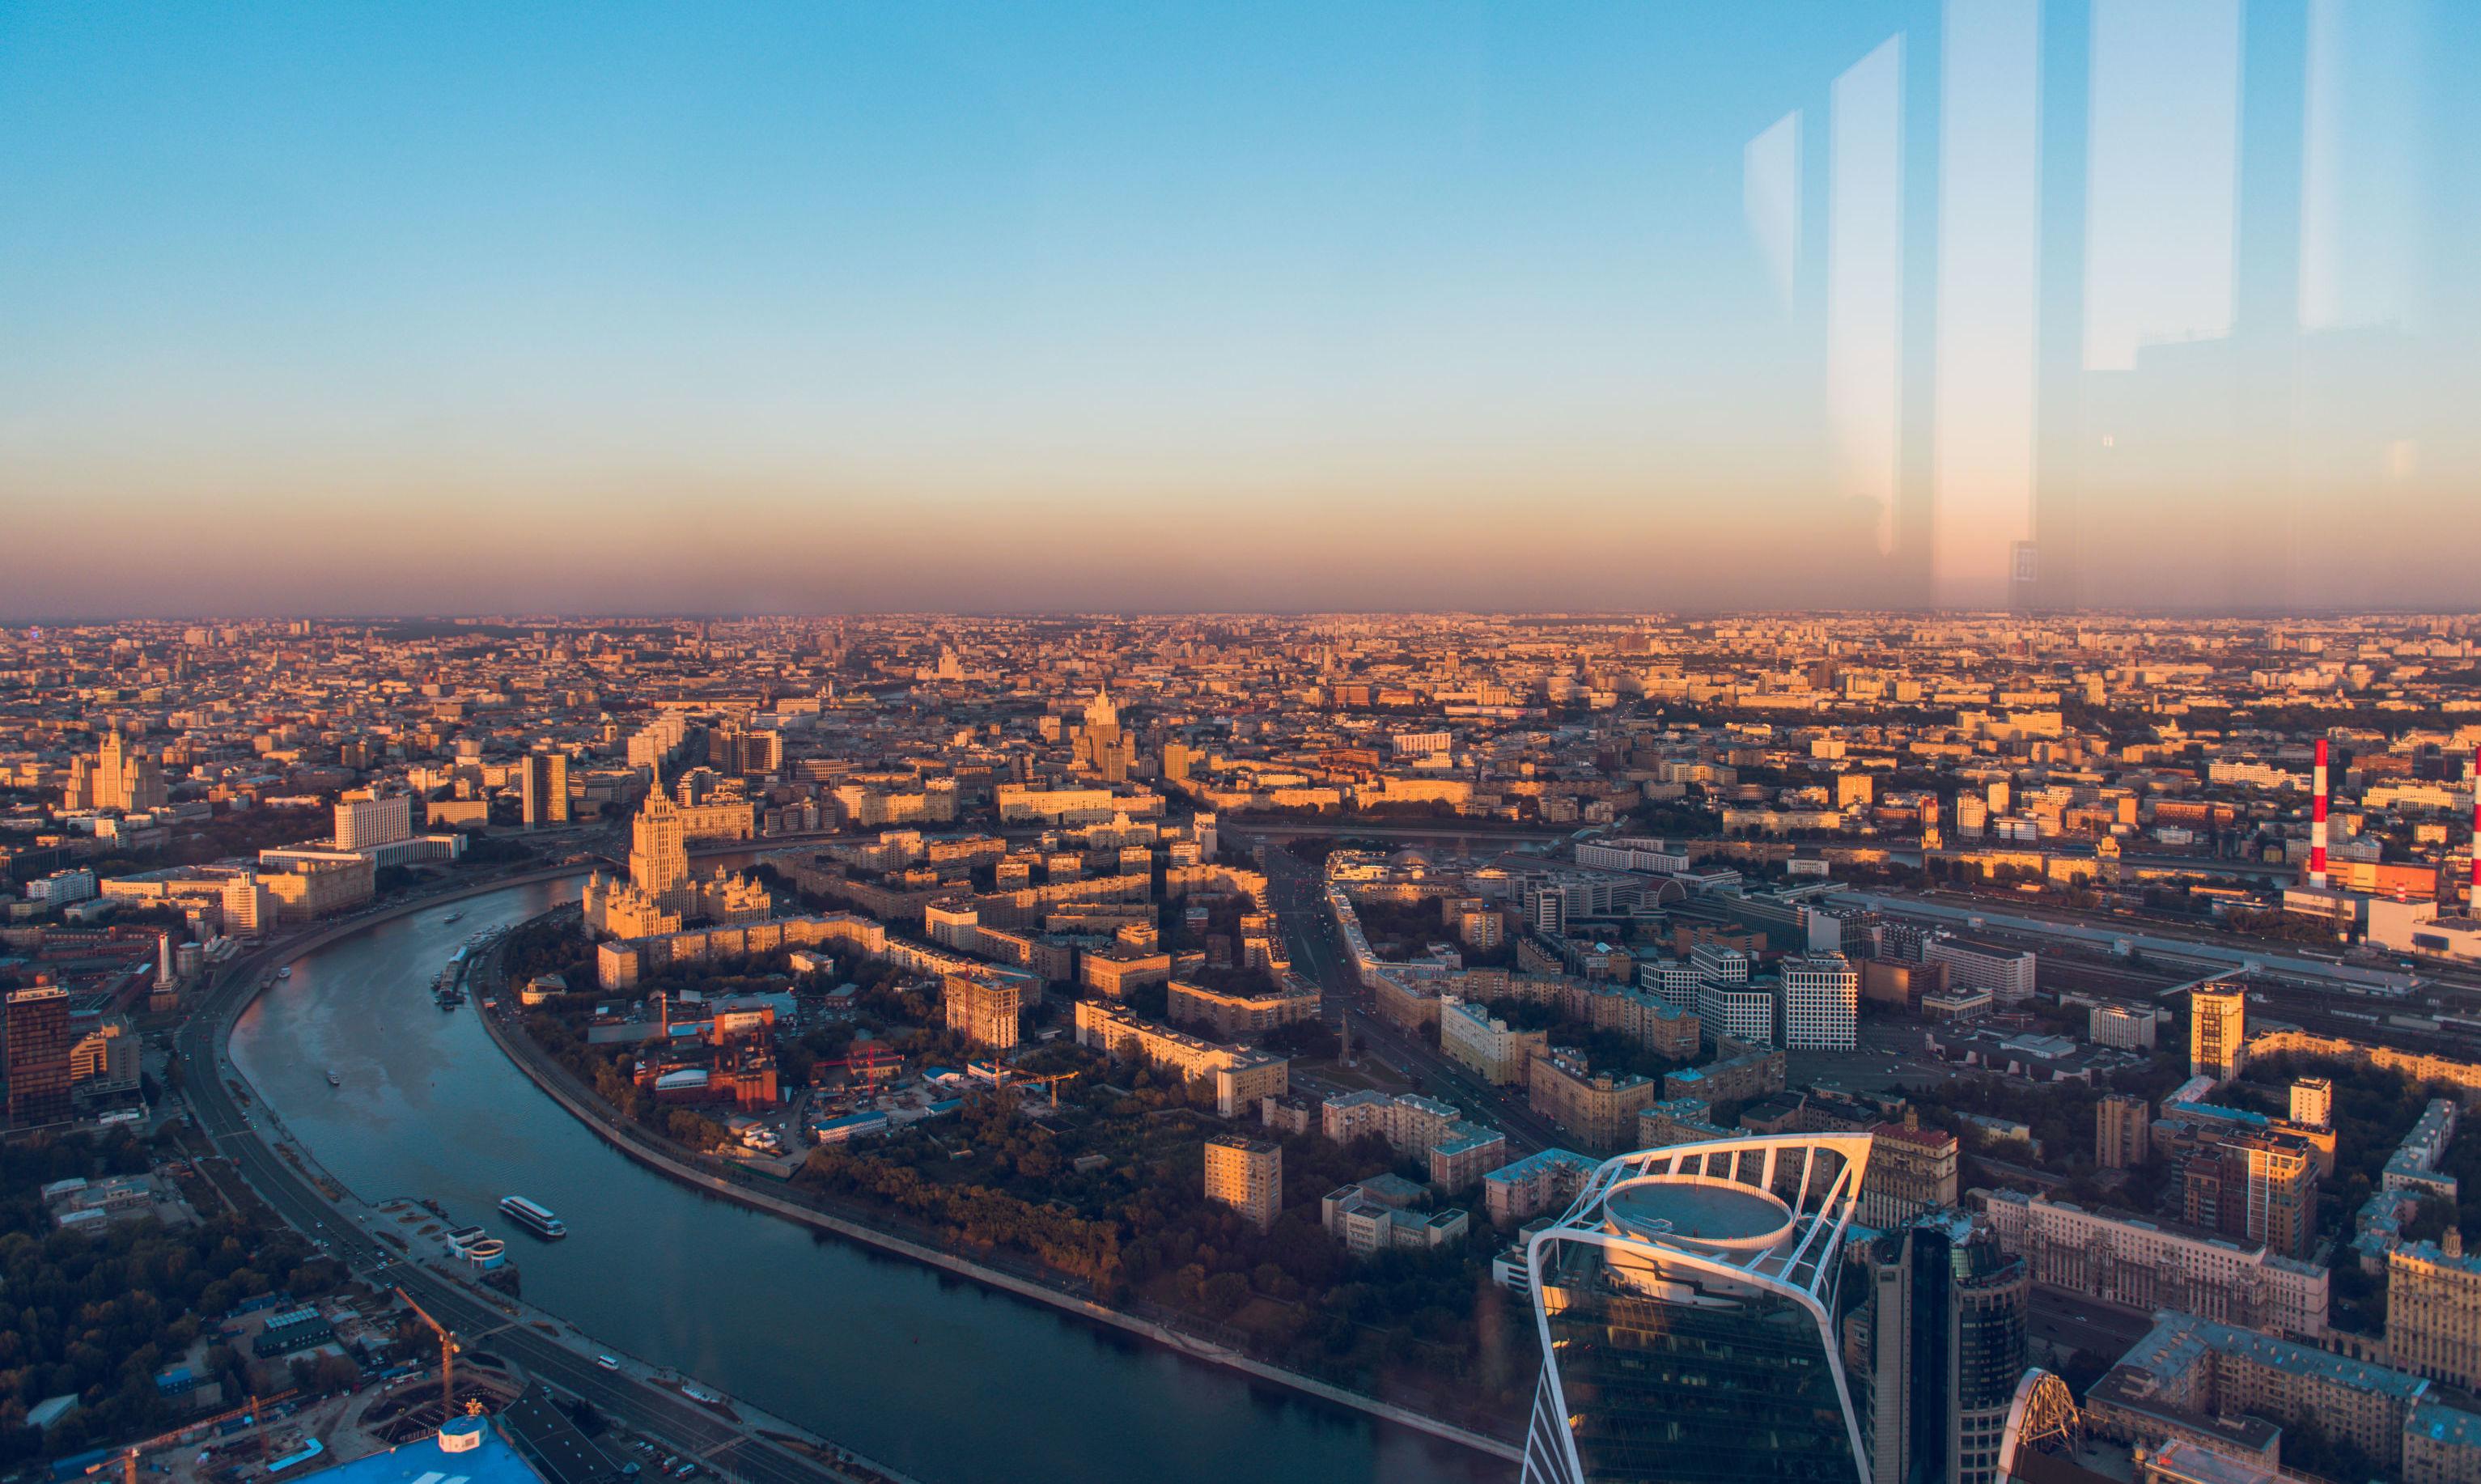 La vista de Moscú desde el mirador